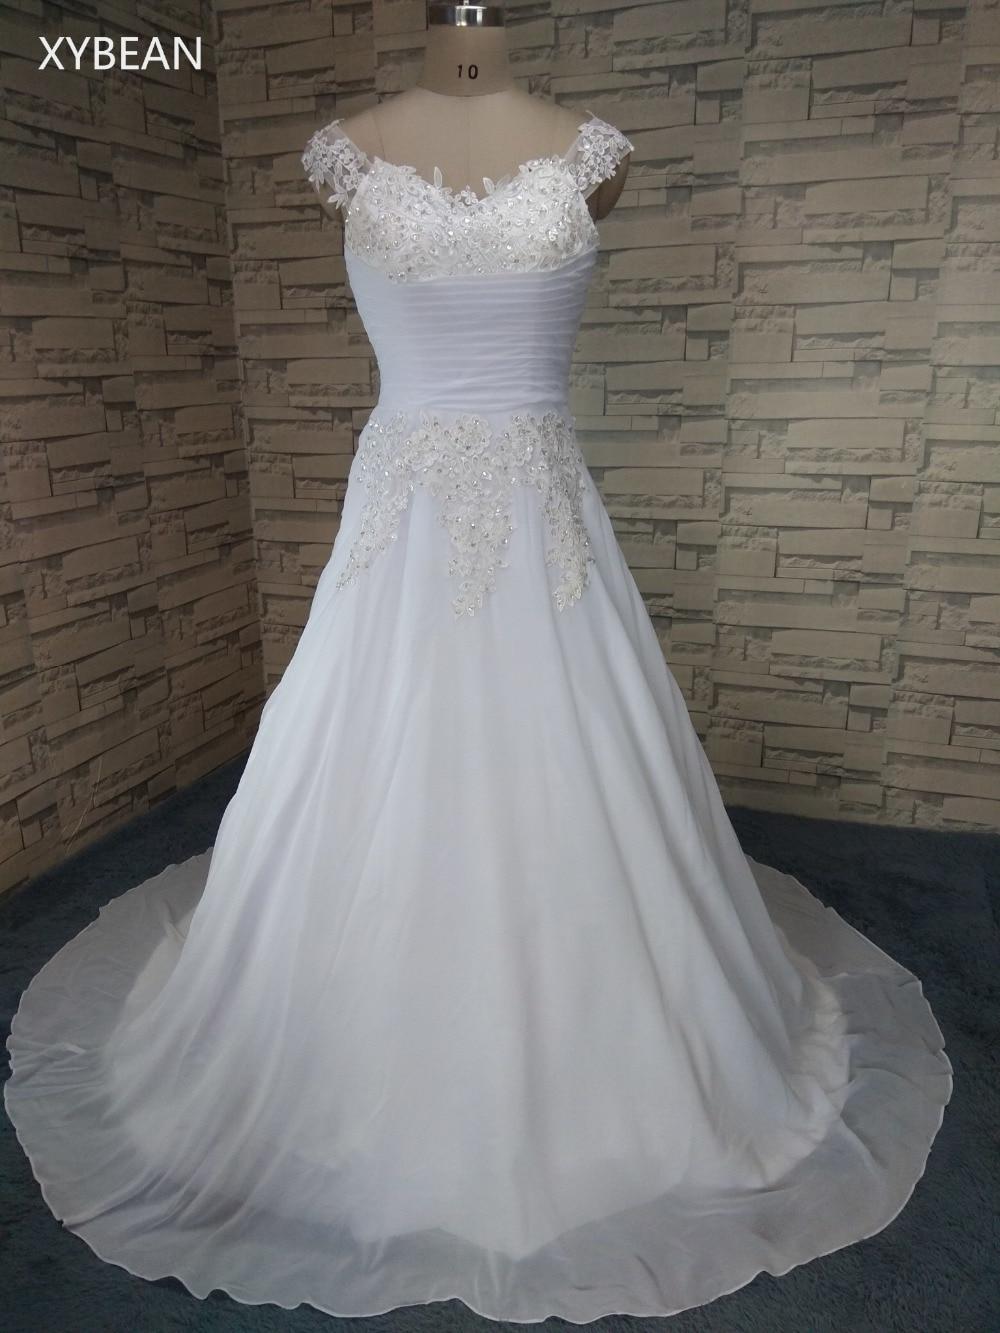 Ingyenes szállítás ! 2015 Új érkezés egy vonalba Sweetheart - Esküvői ruhák